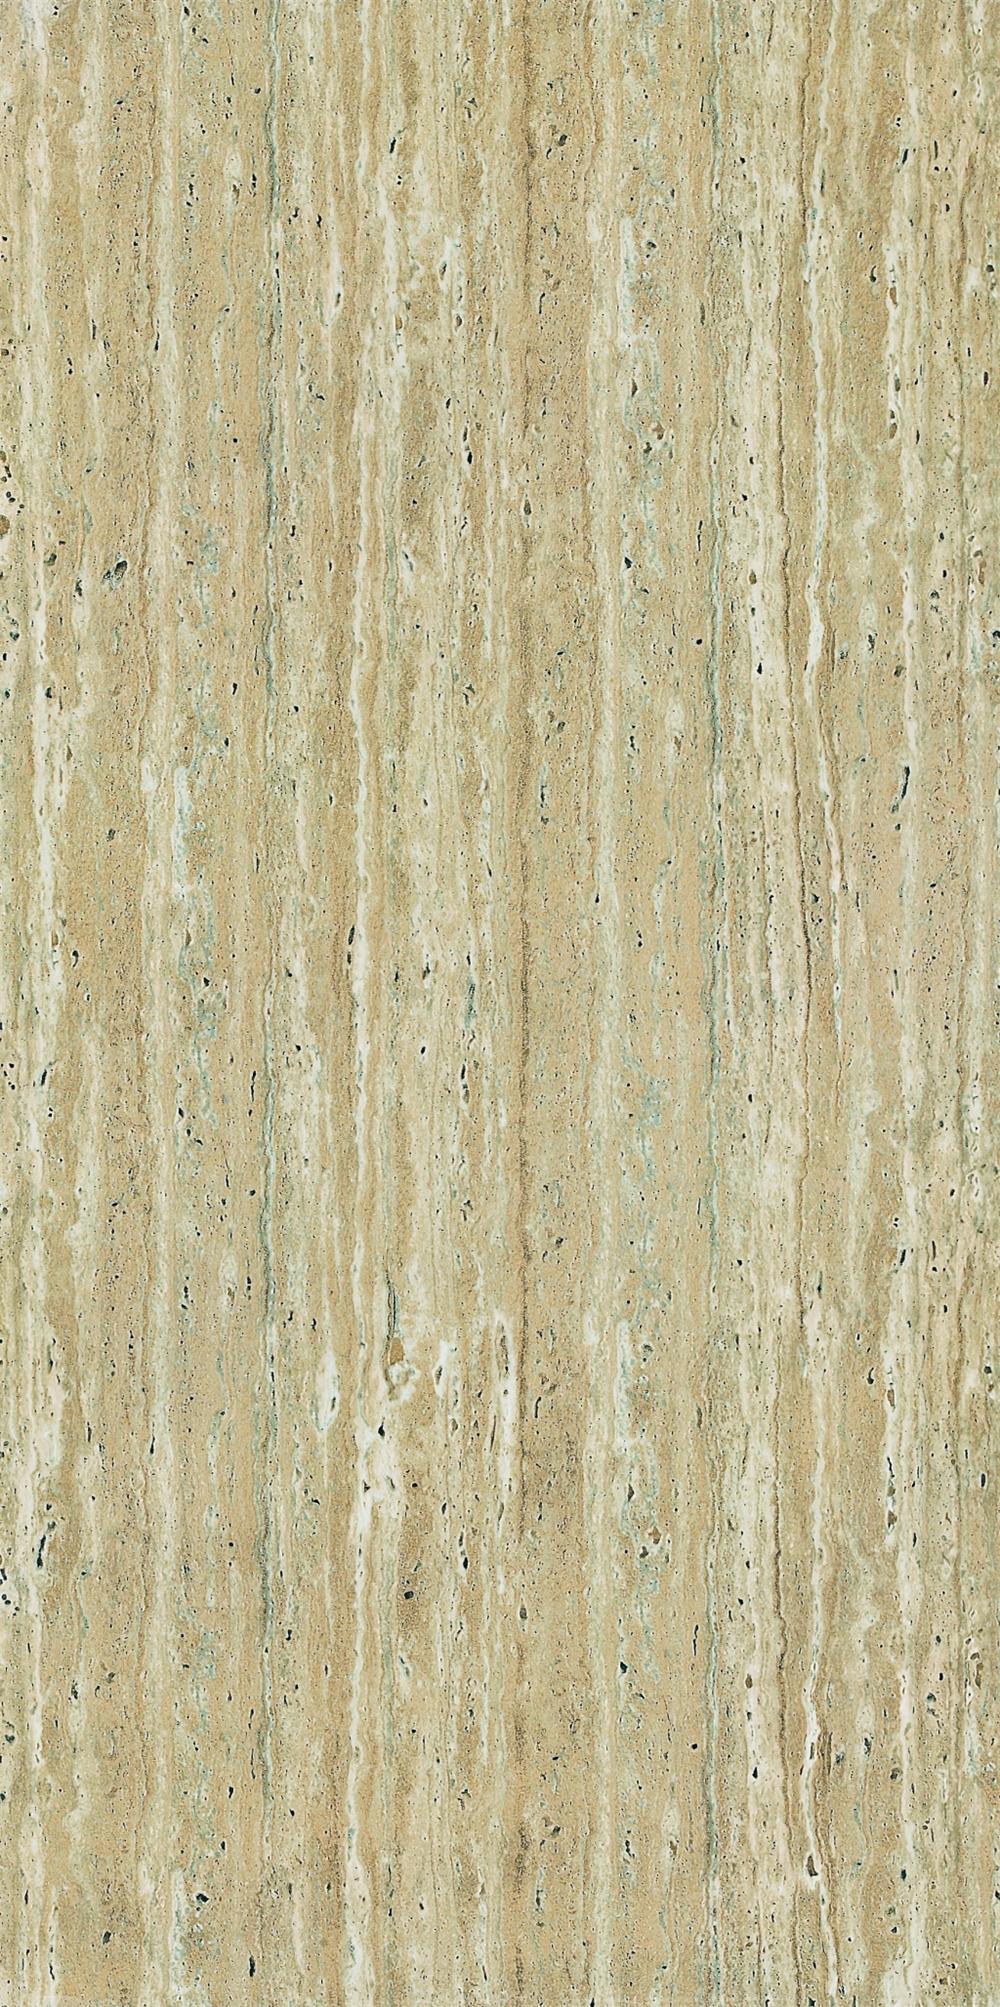 罗马棕2-PA26014(1200mmX600mm)